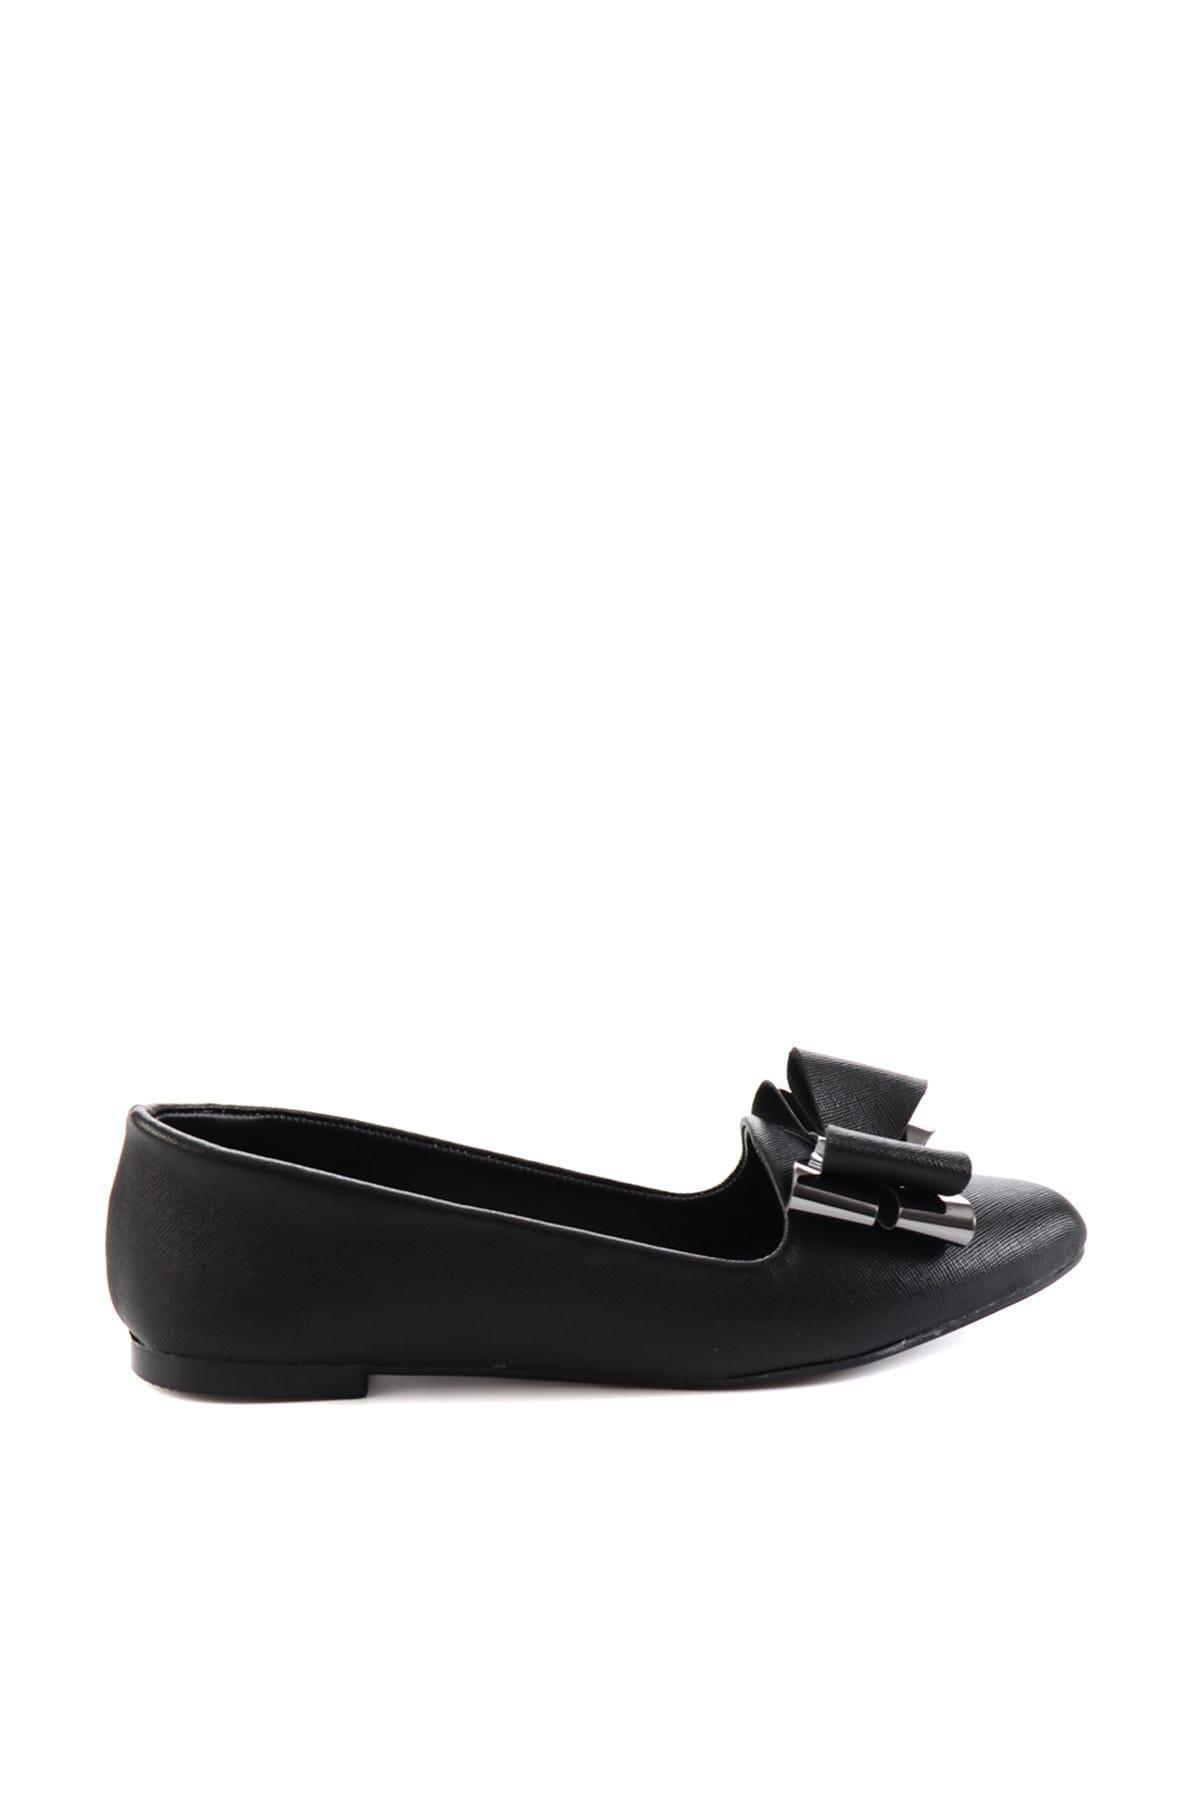 Bambi Negro Zapatos de mujer H06261003